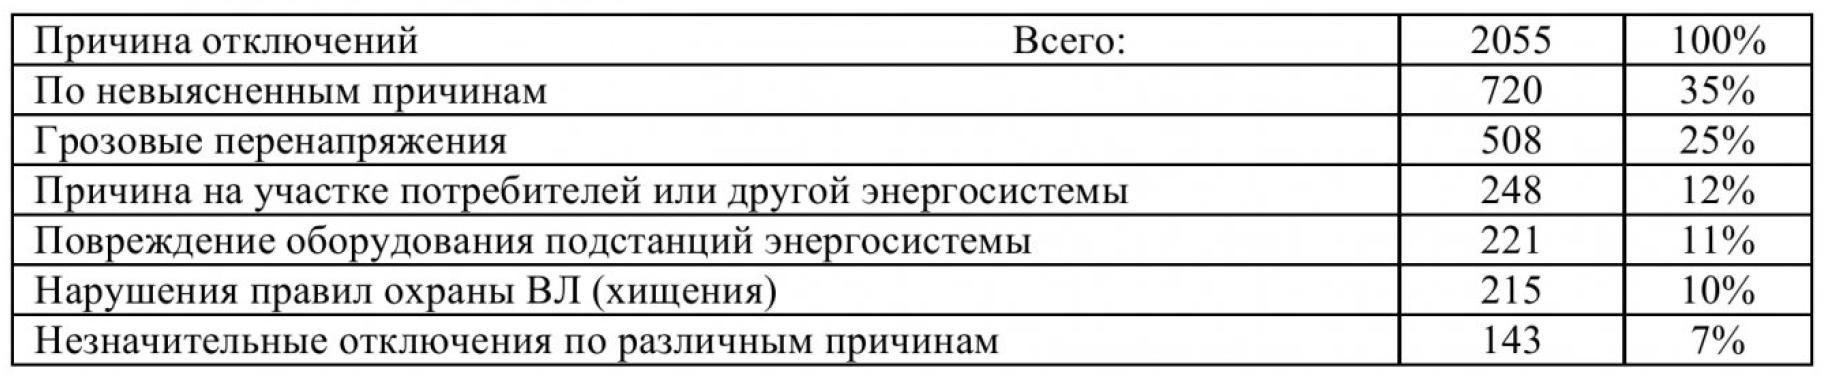 Анализ отключения в электрических сетях Кемеровского района 5